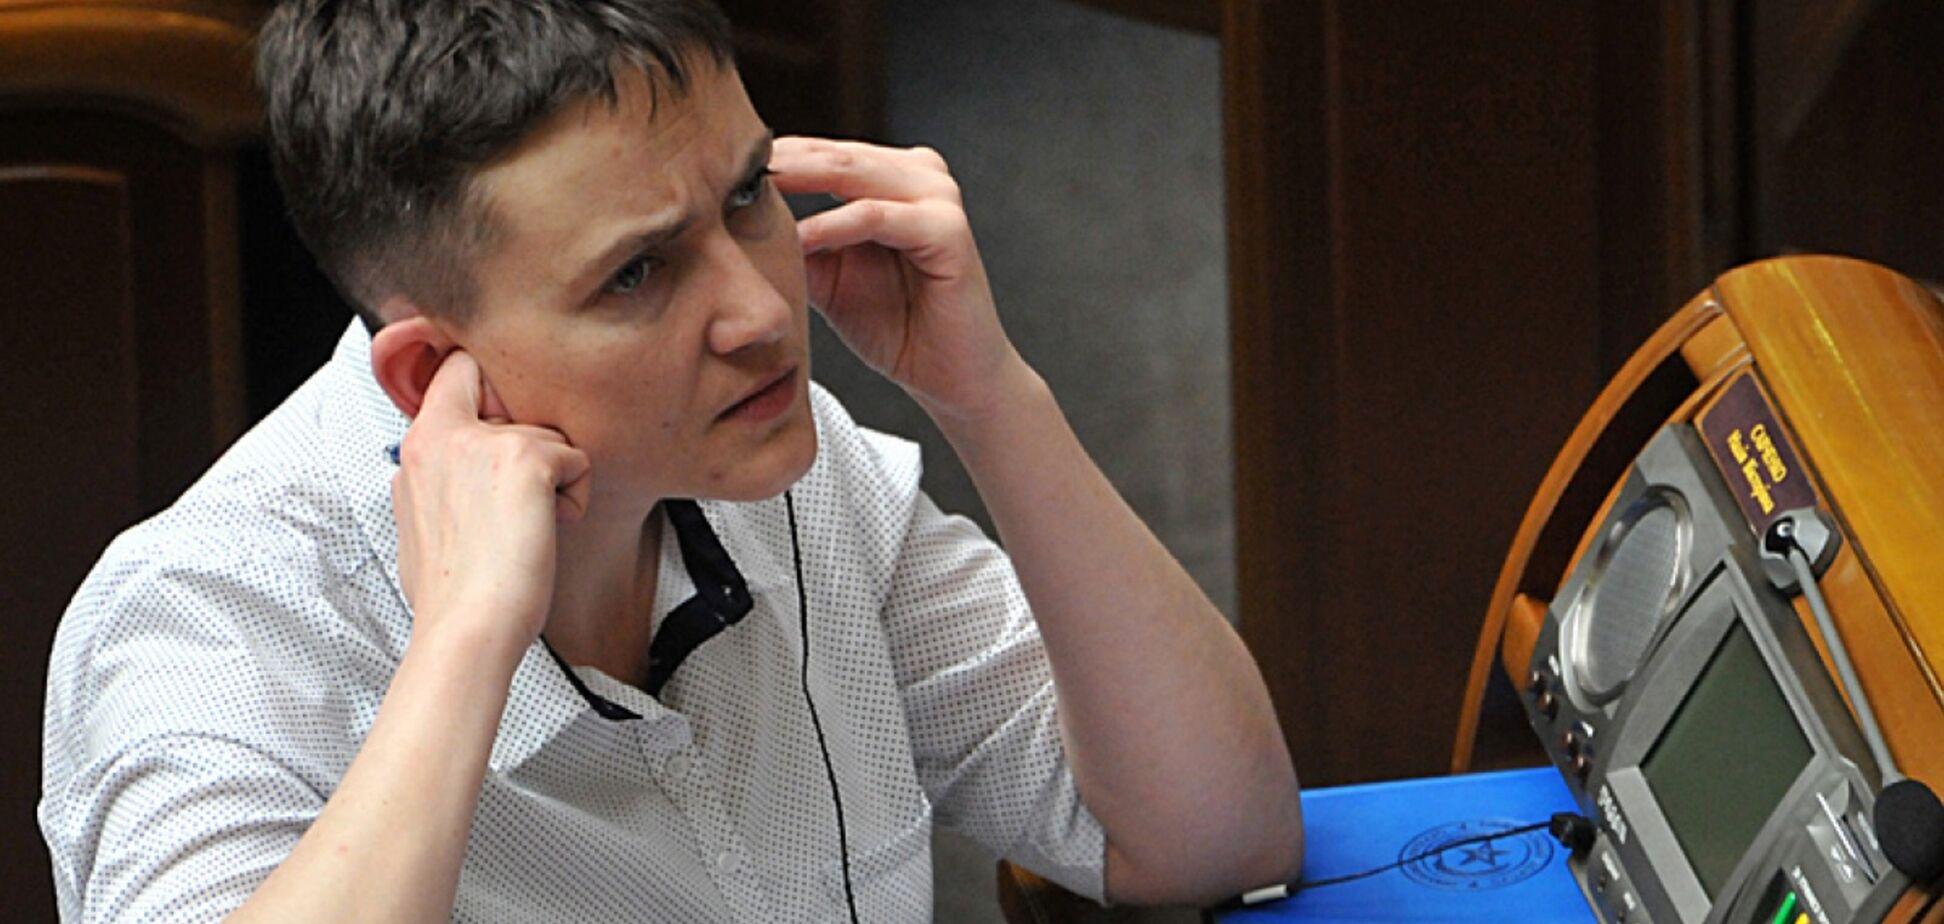 'Я буду требовать': обвиненный Савченко Тетерук сделал заявление